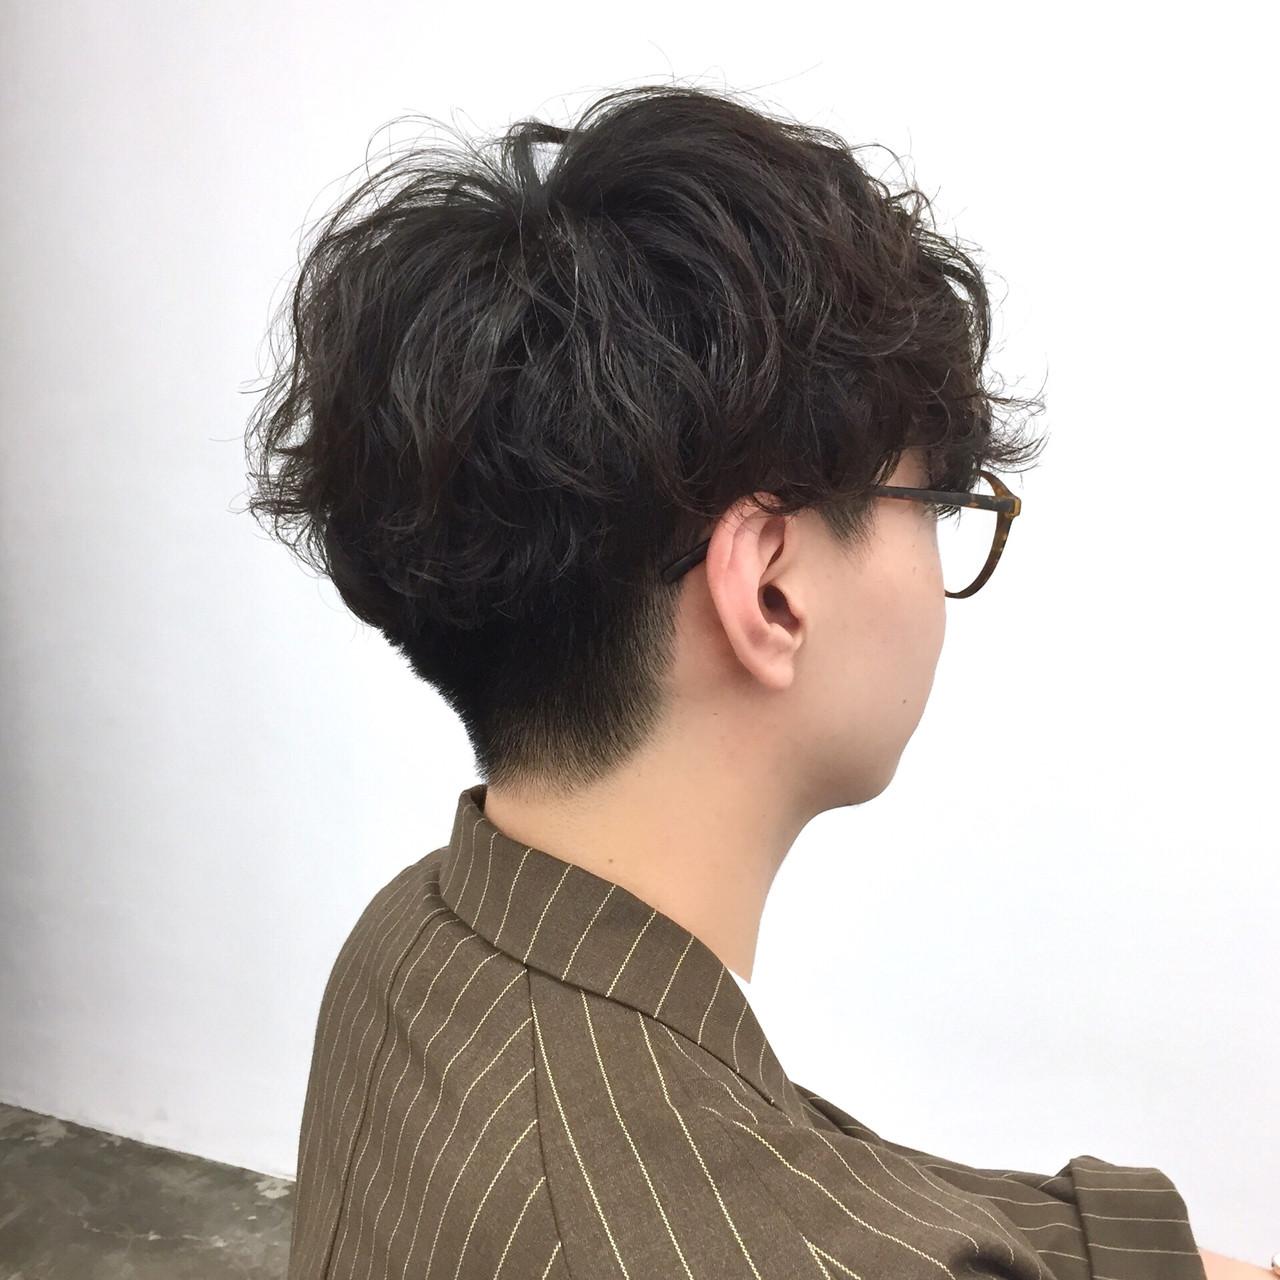 フェミニン メンズヘア メンズカット メンズ ヘアスタイルや髪型の写真・画像